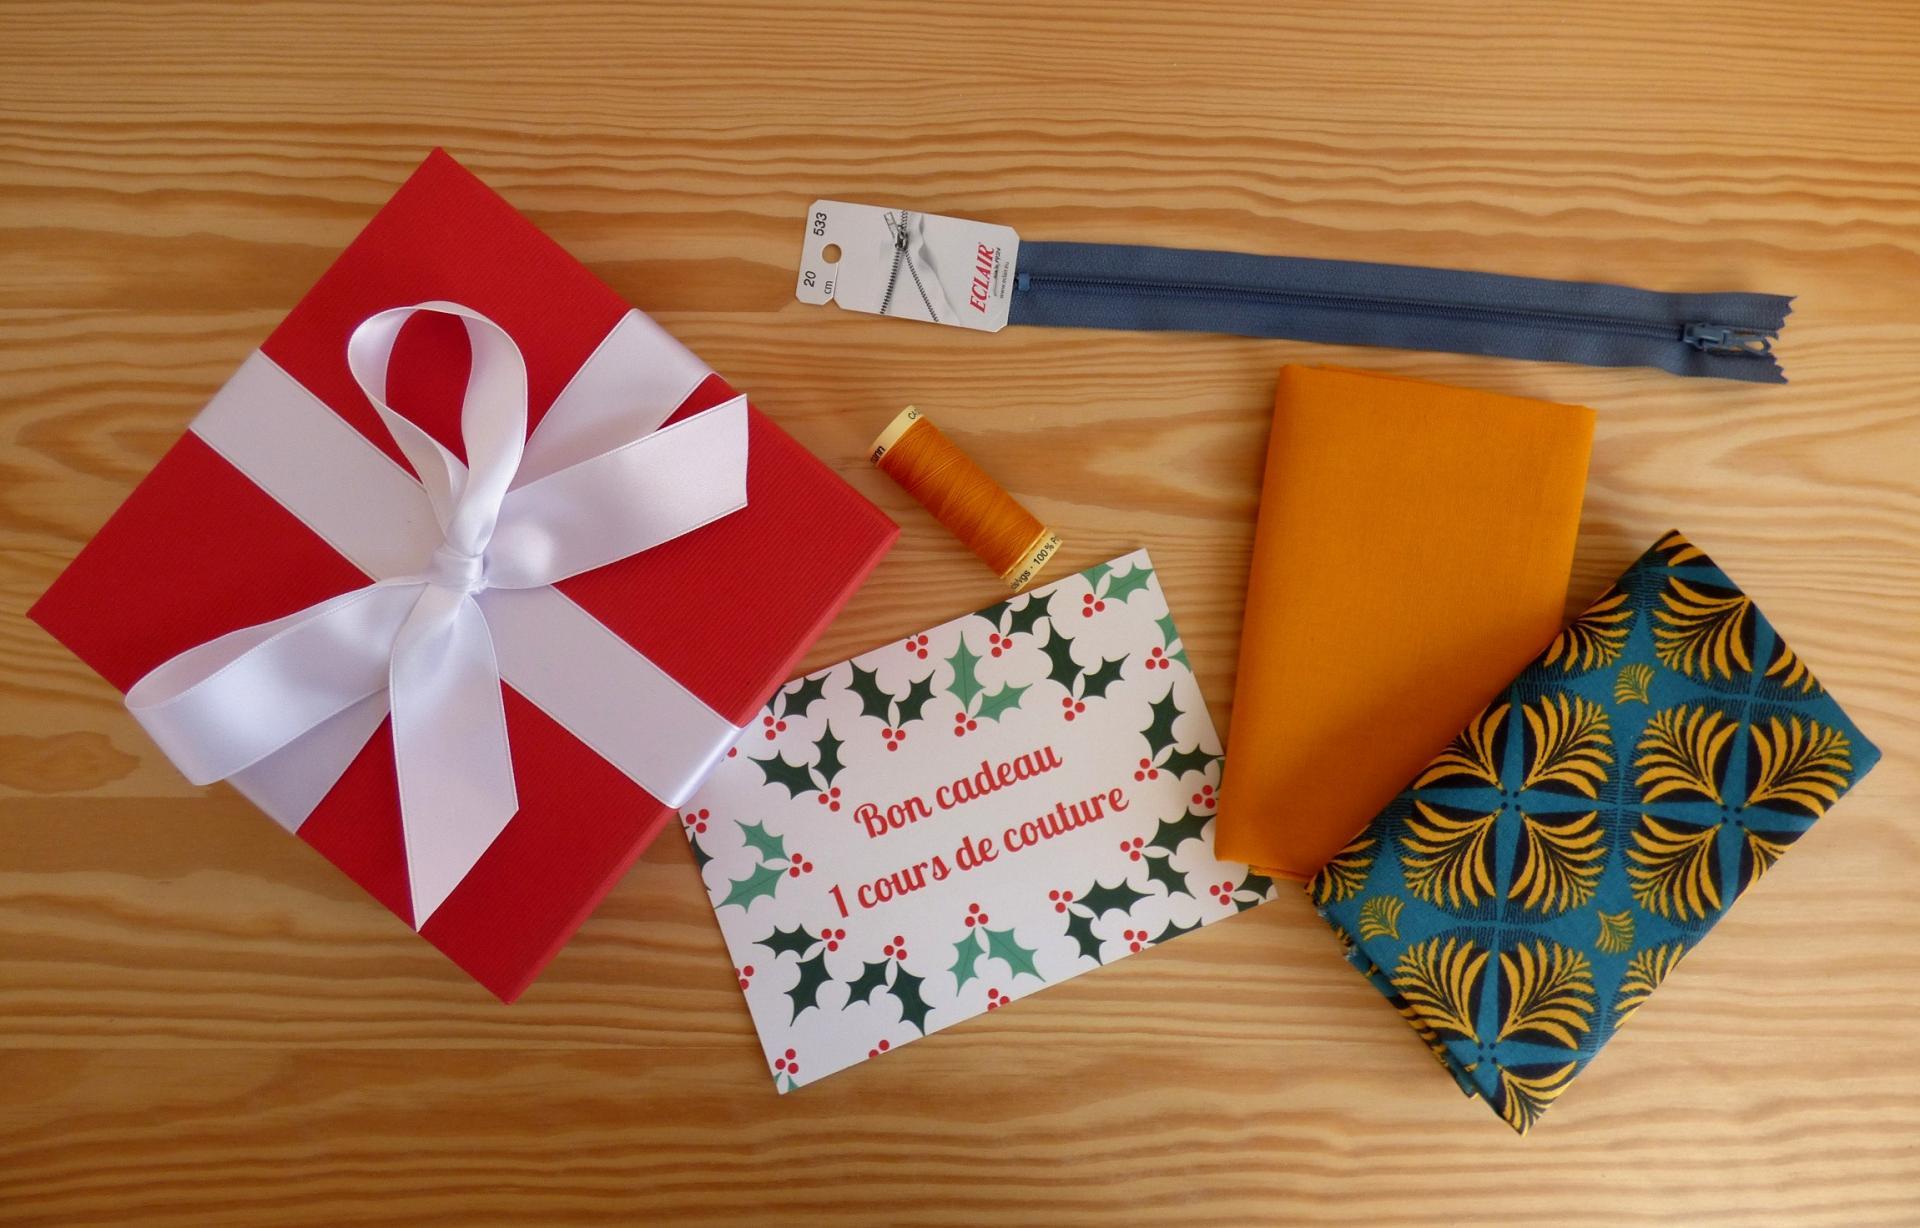 Coffret bon cadeau 1 cours et matériel